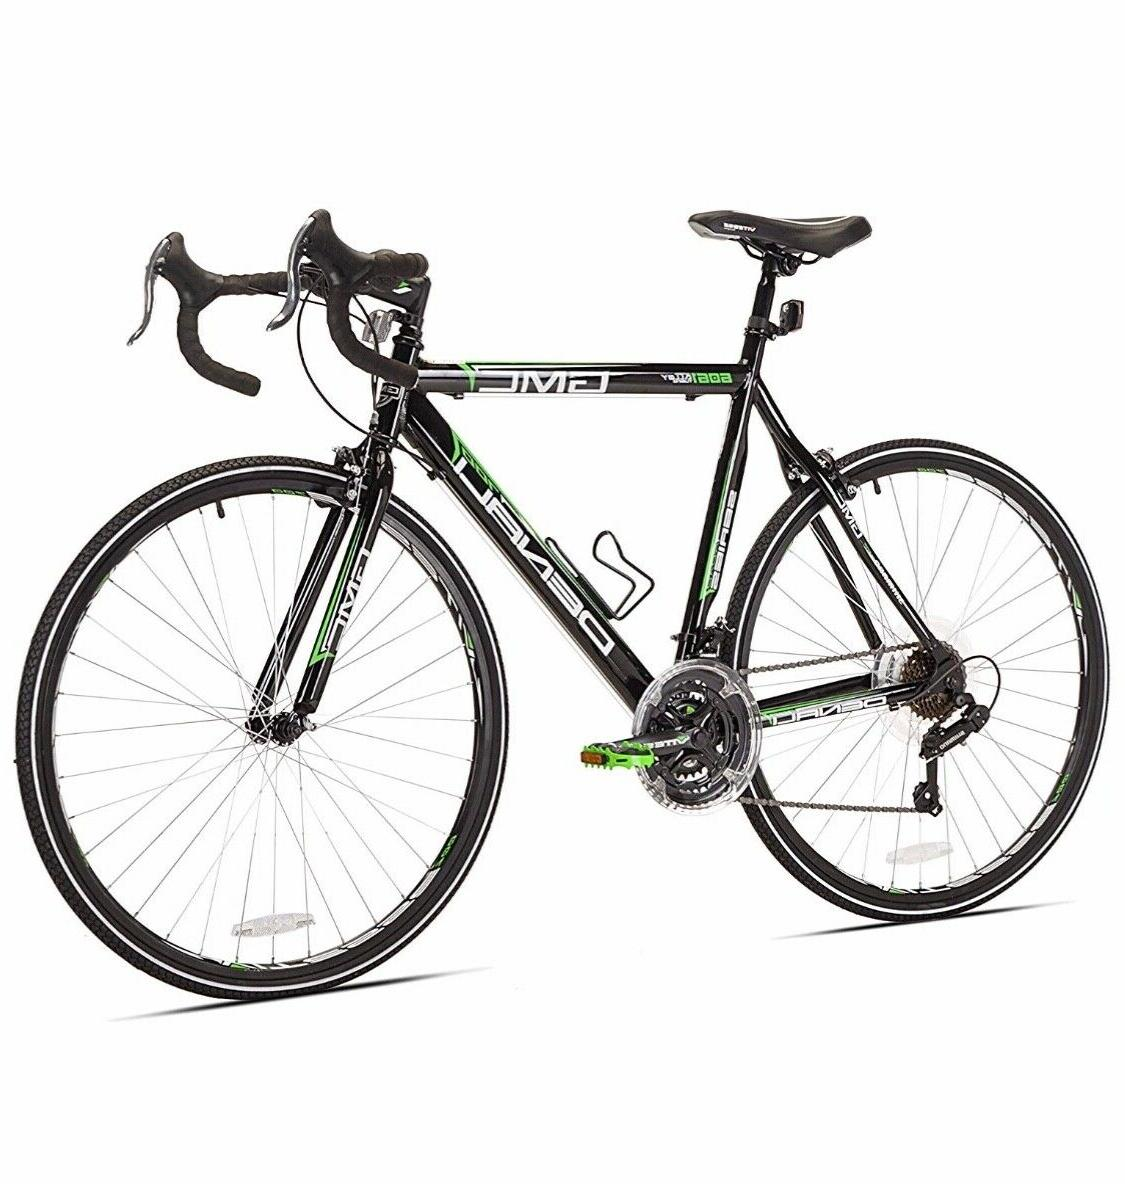 denali 20 mens road bike 700c small